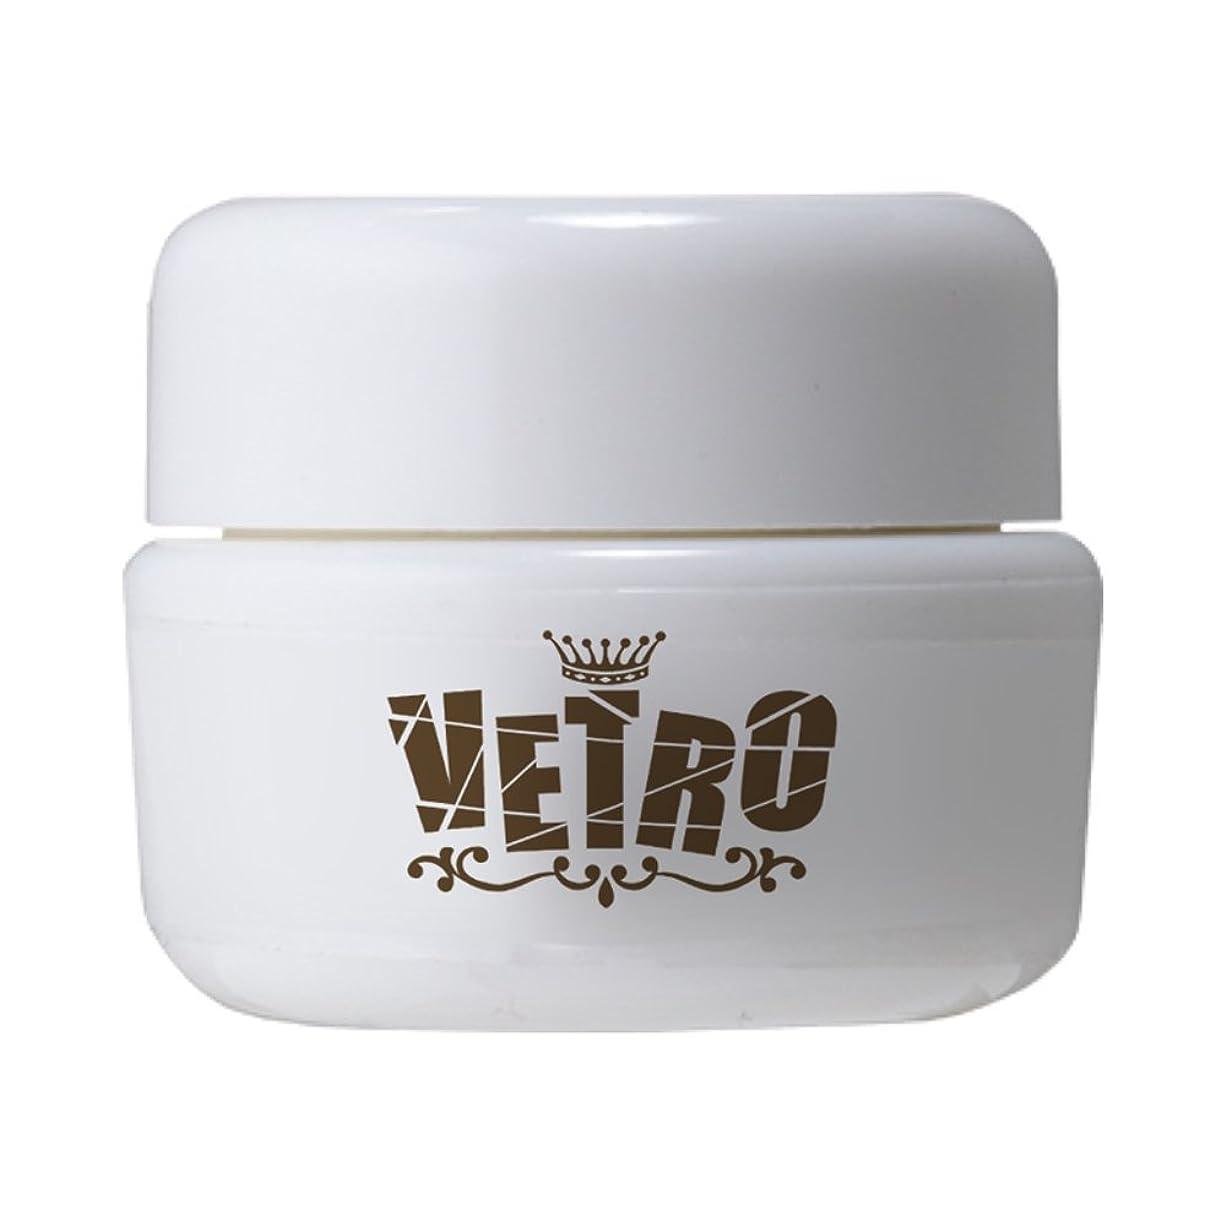 デコラティブ多様性天気VETRO No.19 カラージェル パール VL007 キルタンサス 4ml